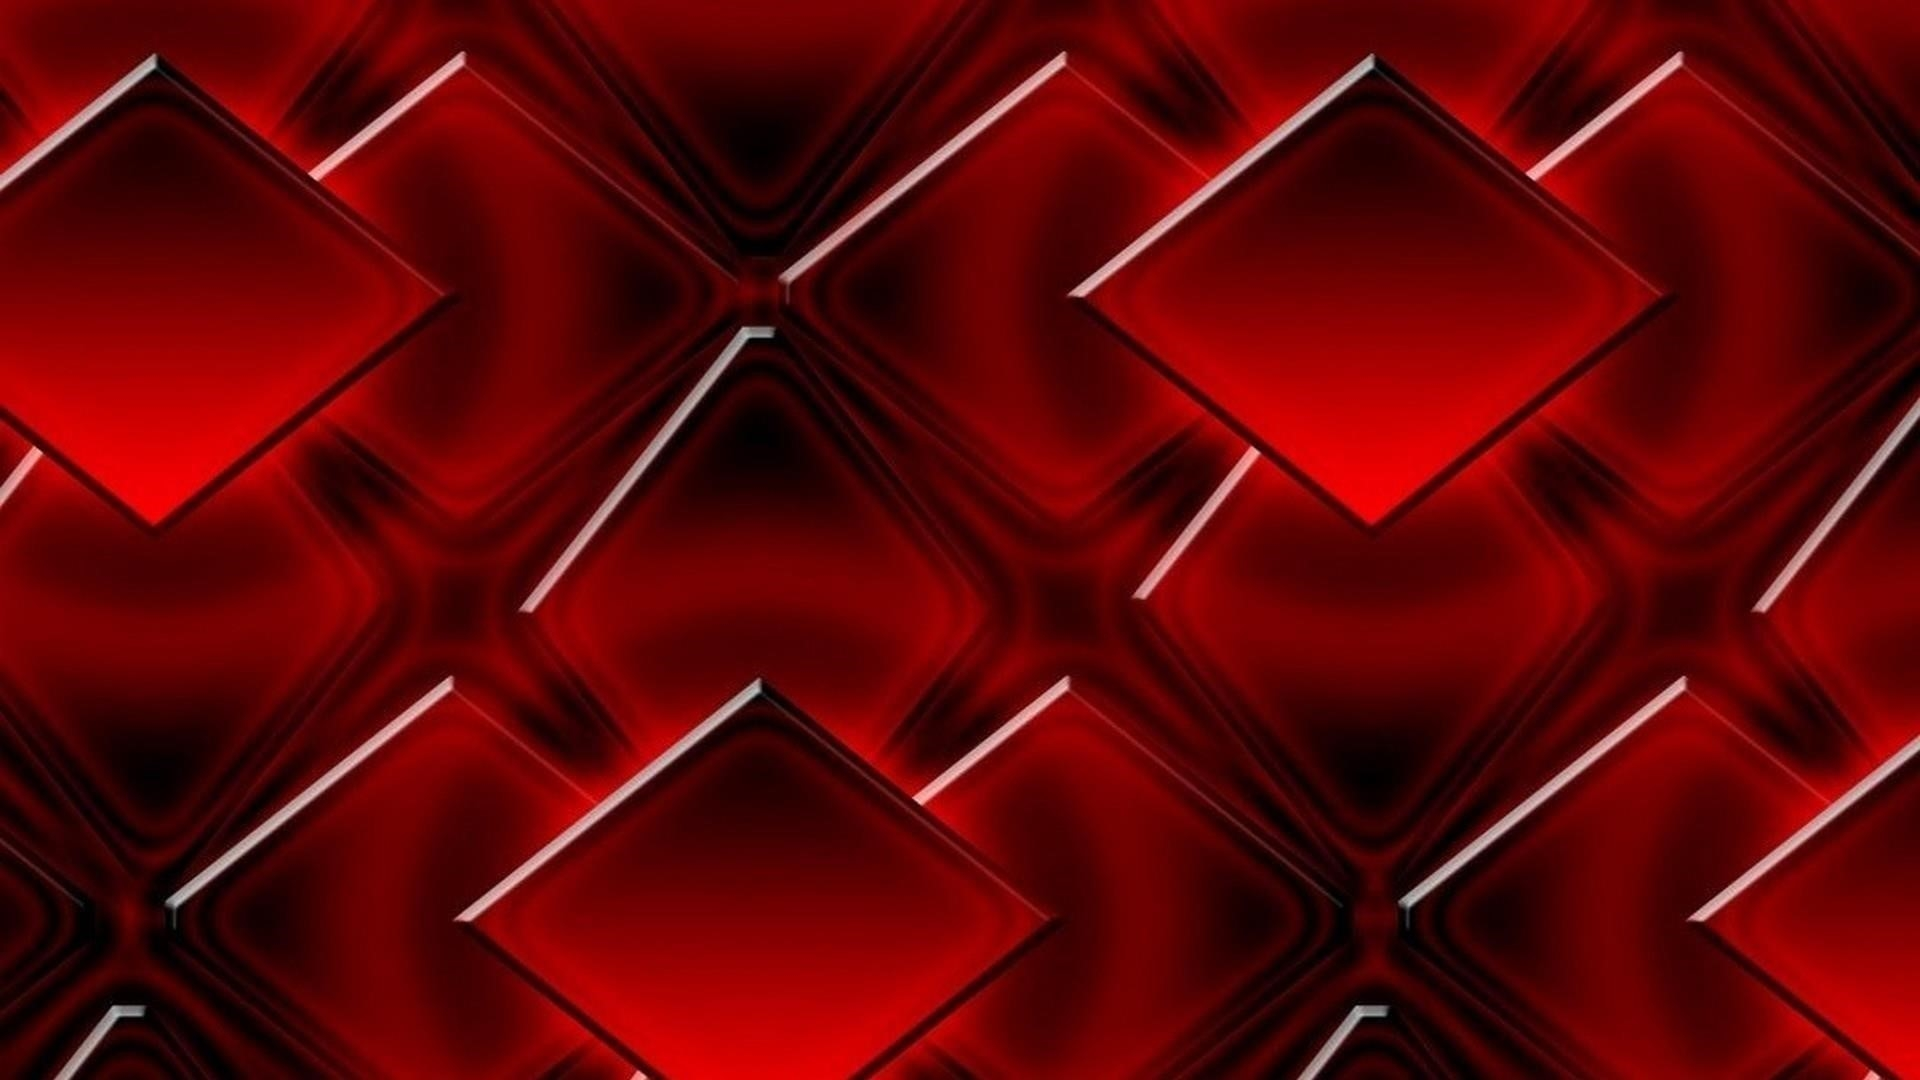 3d красные кубики геометрические фигуры абстрактные обои скачать